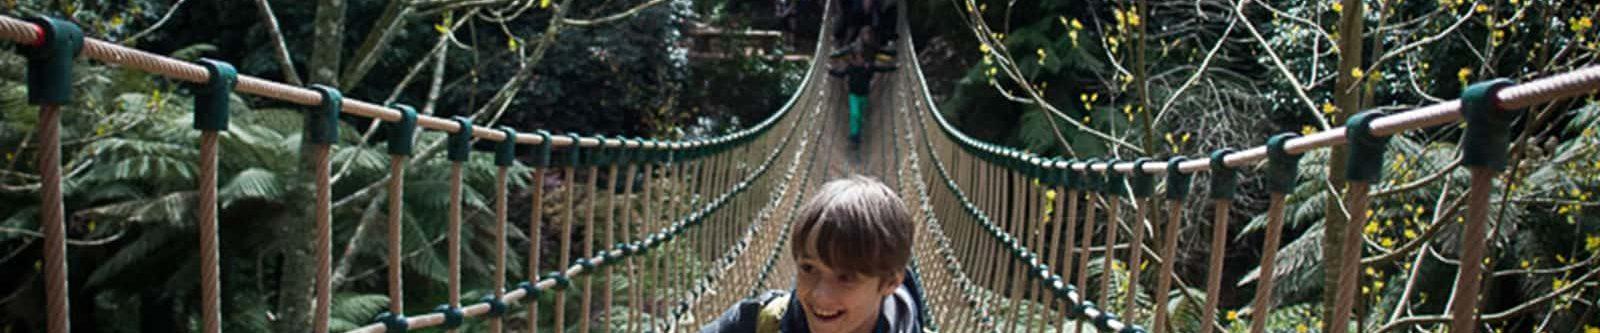 jungle rope bridge